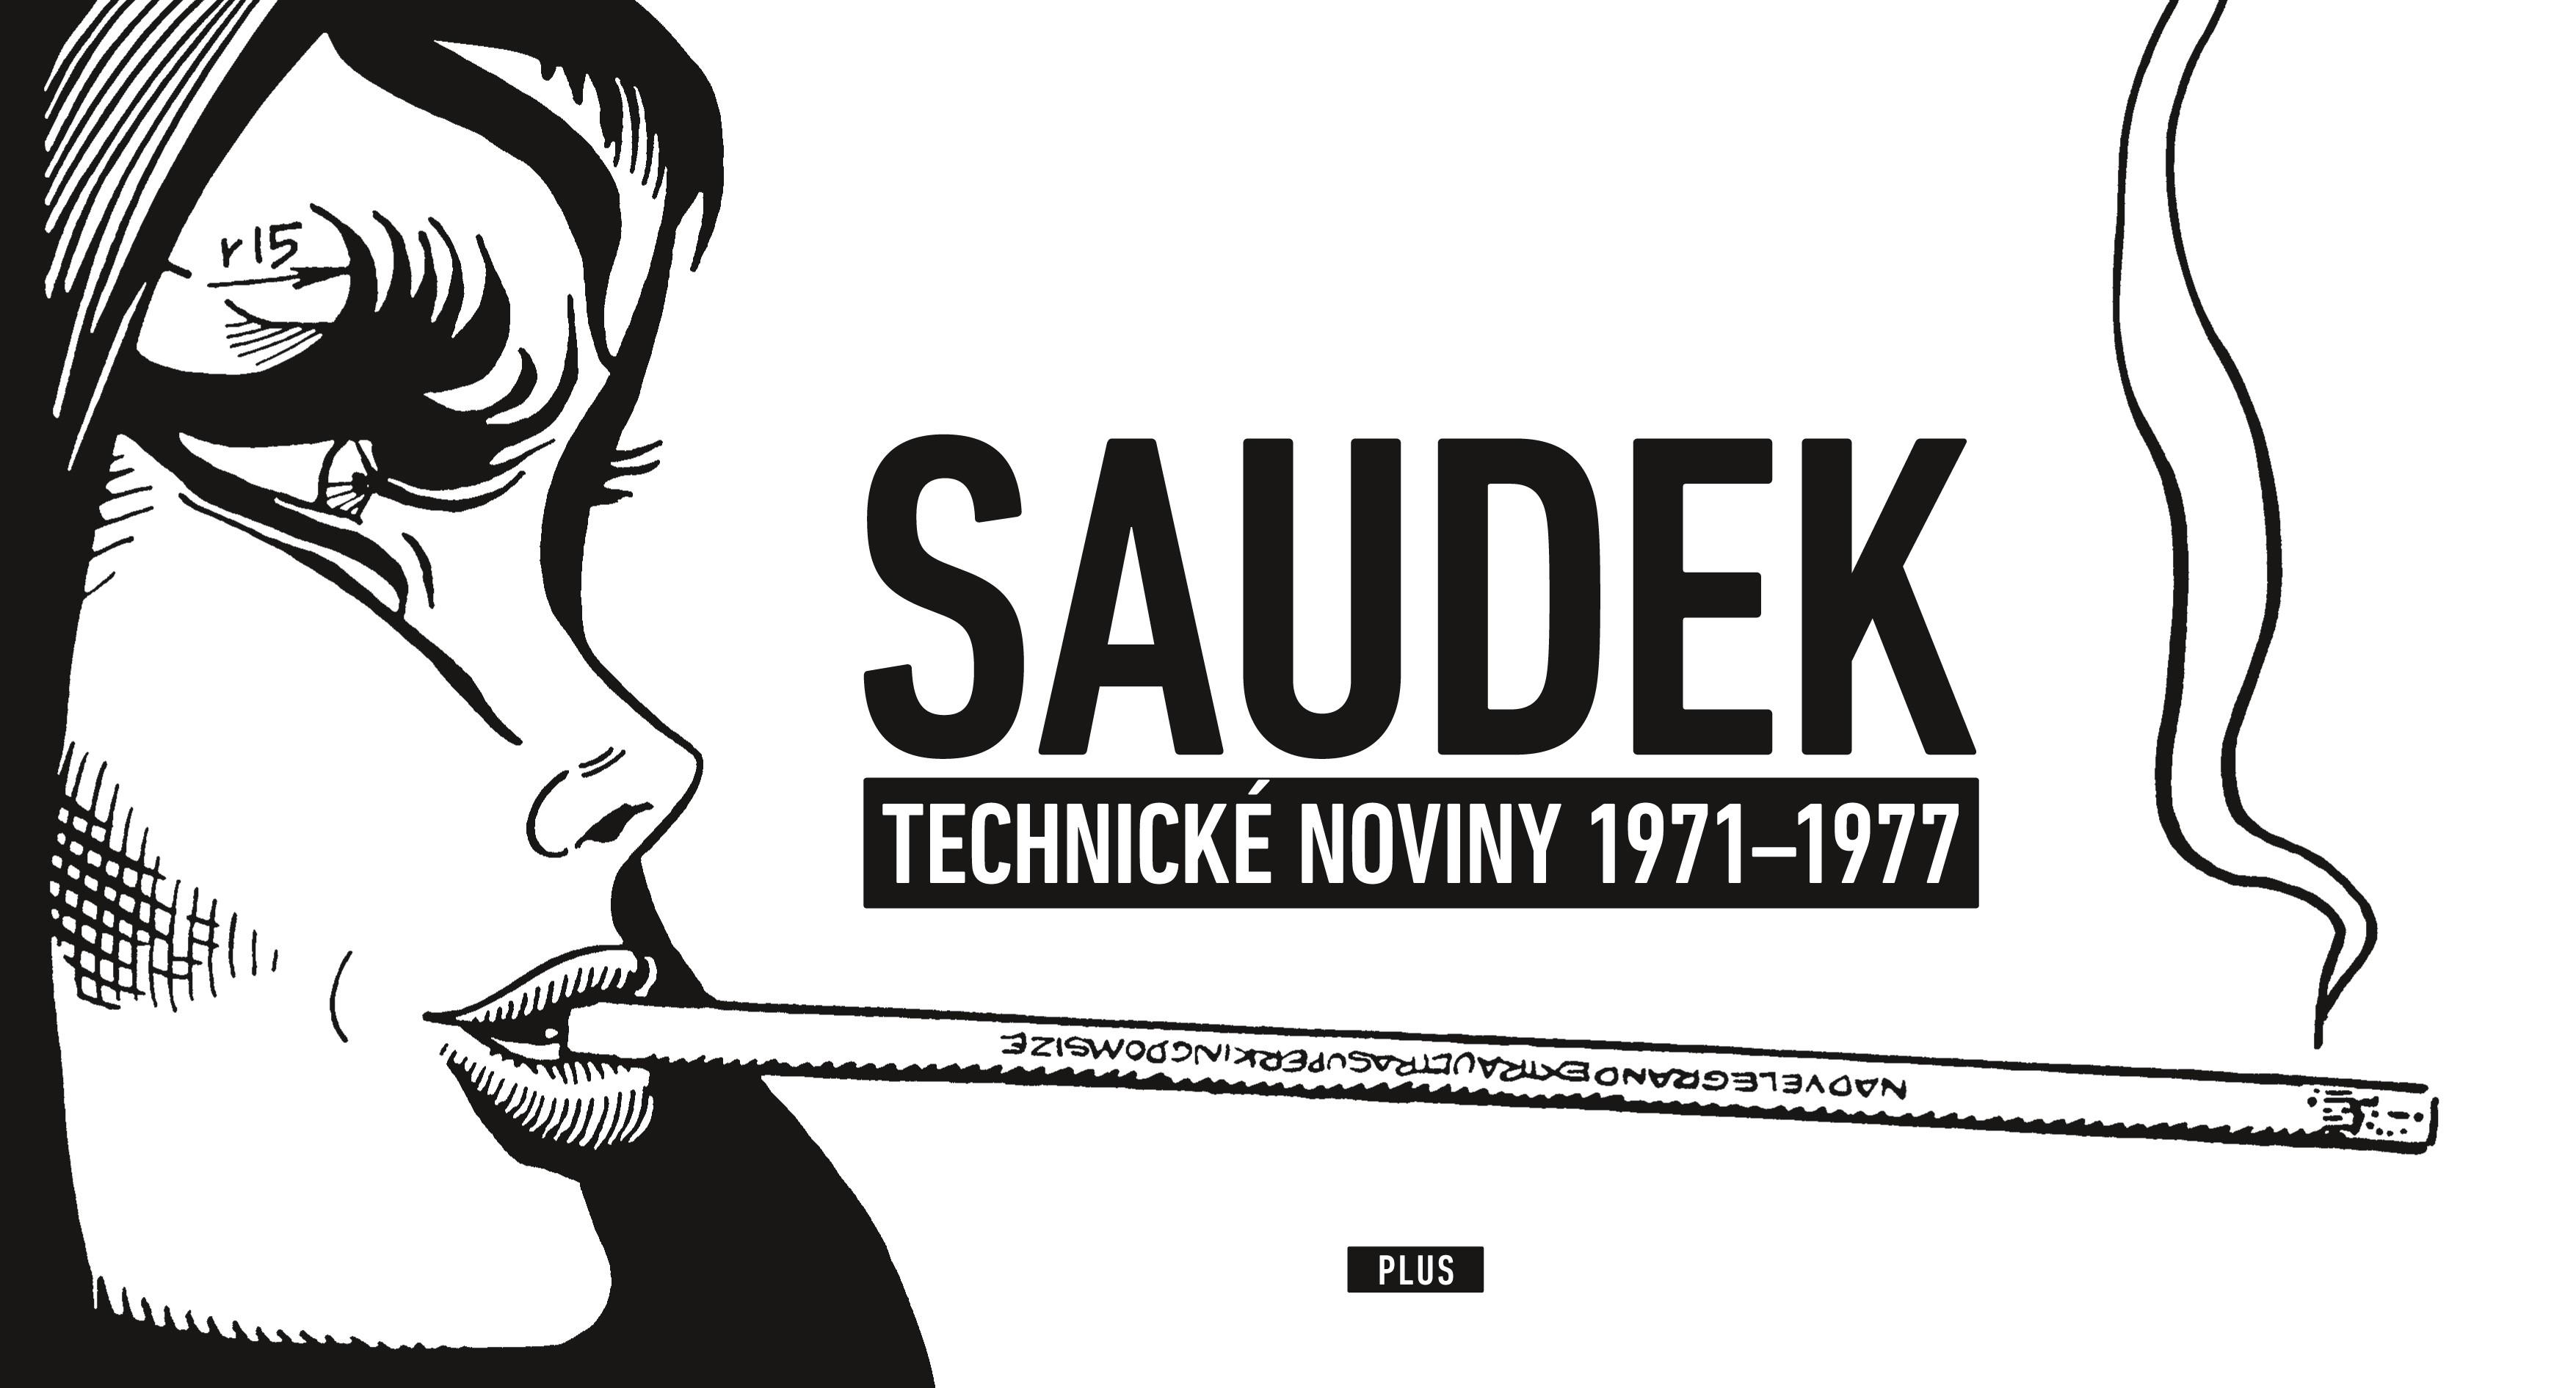 KÁJA SAUDEK: TECHNICKÉ NOVINY 1971-1977